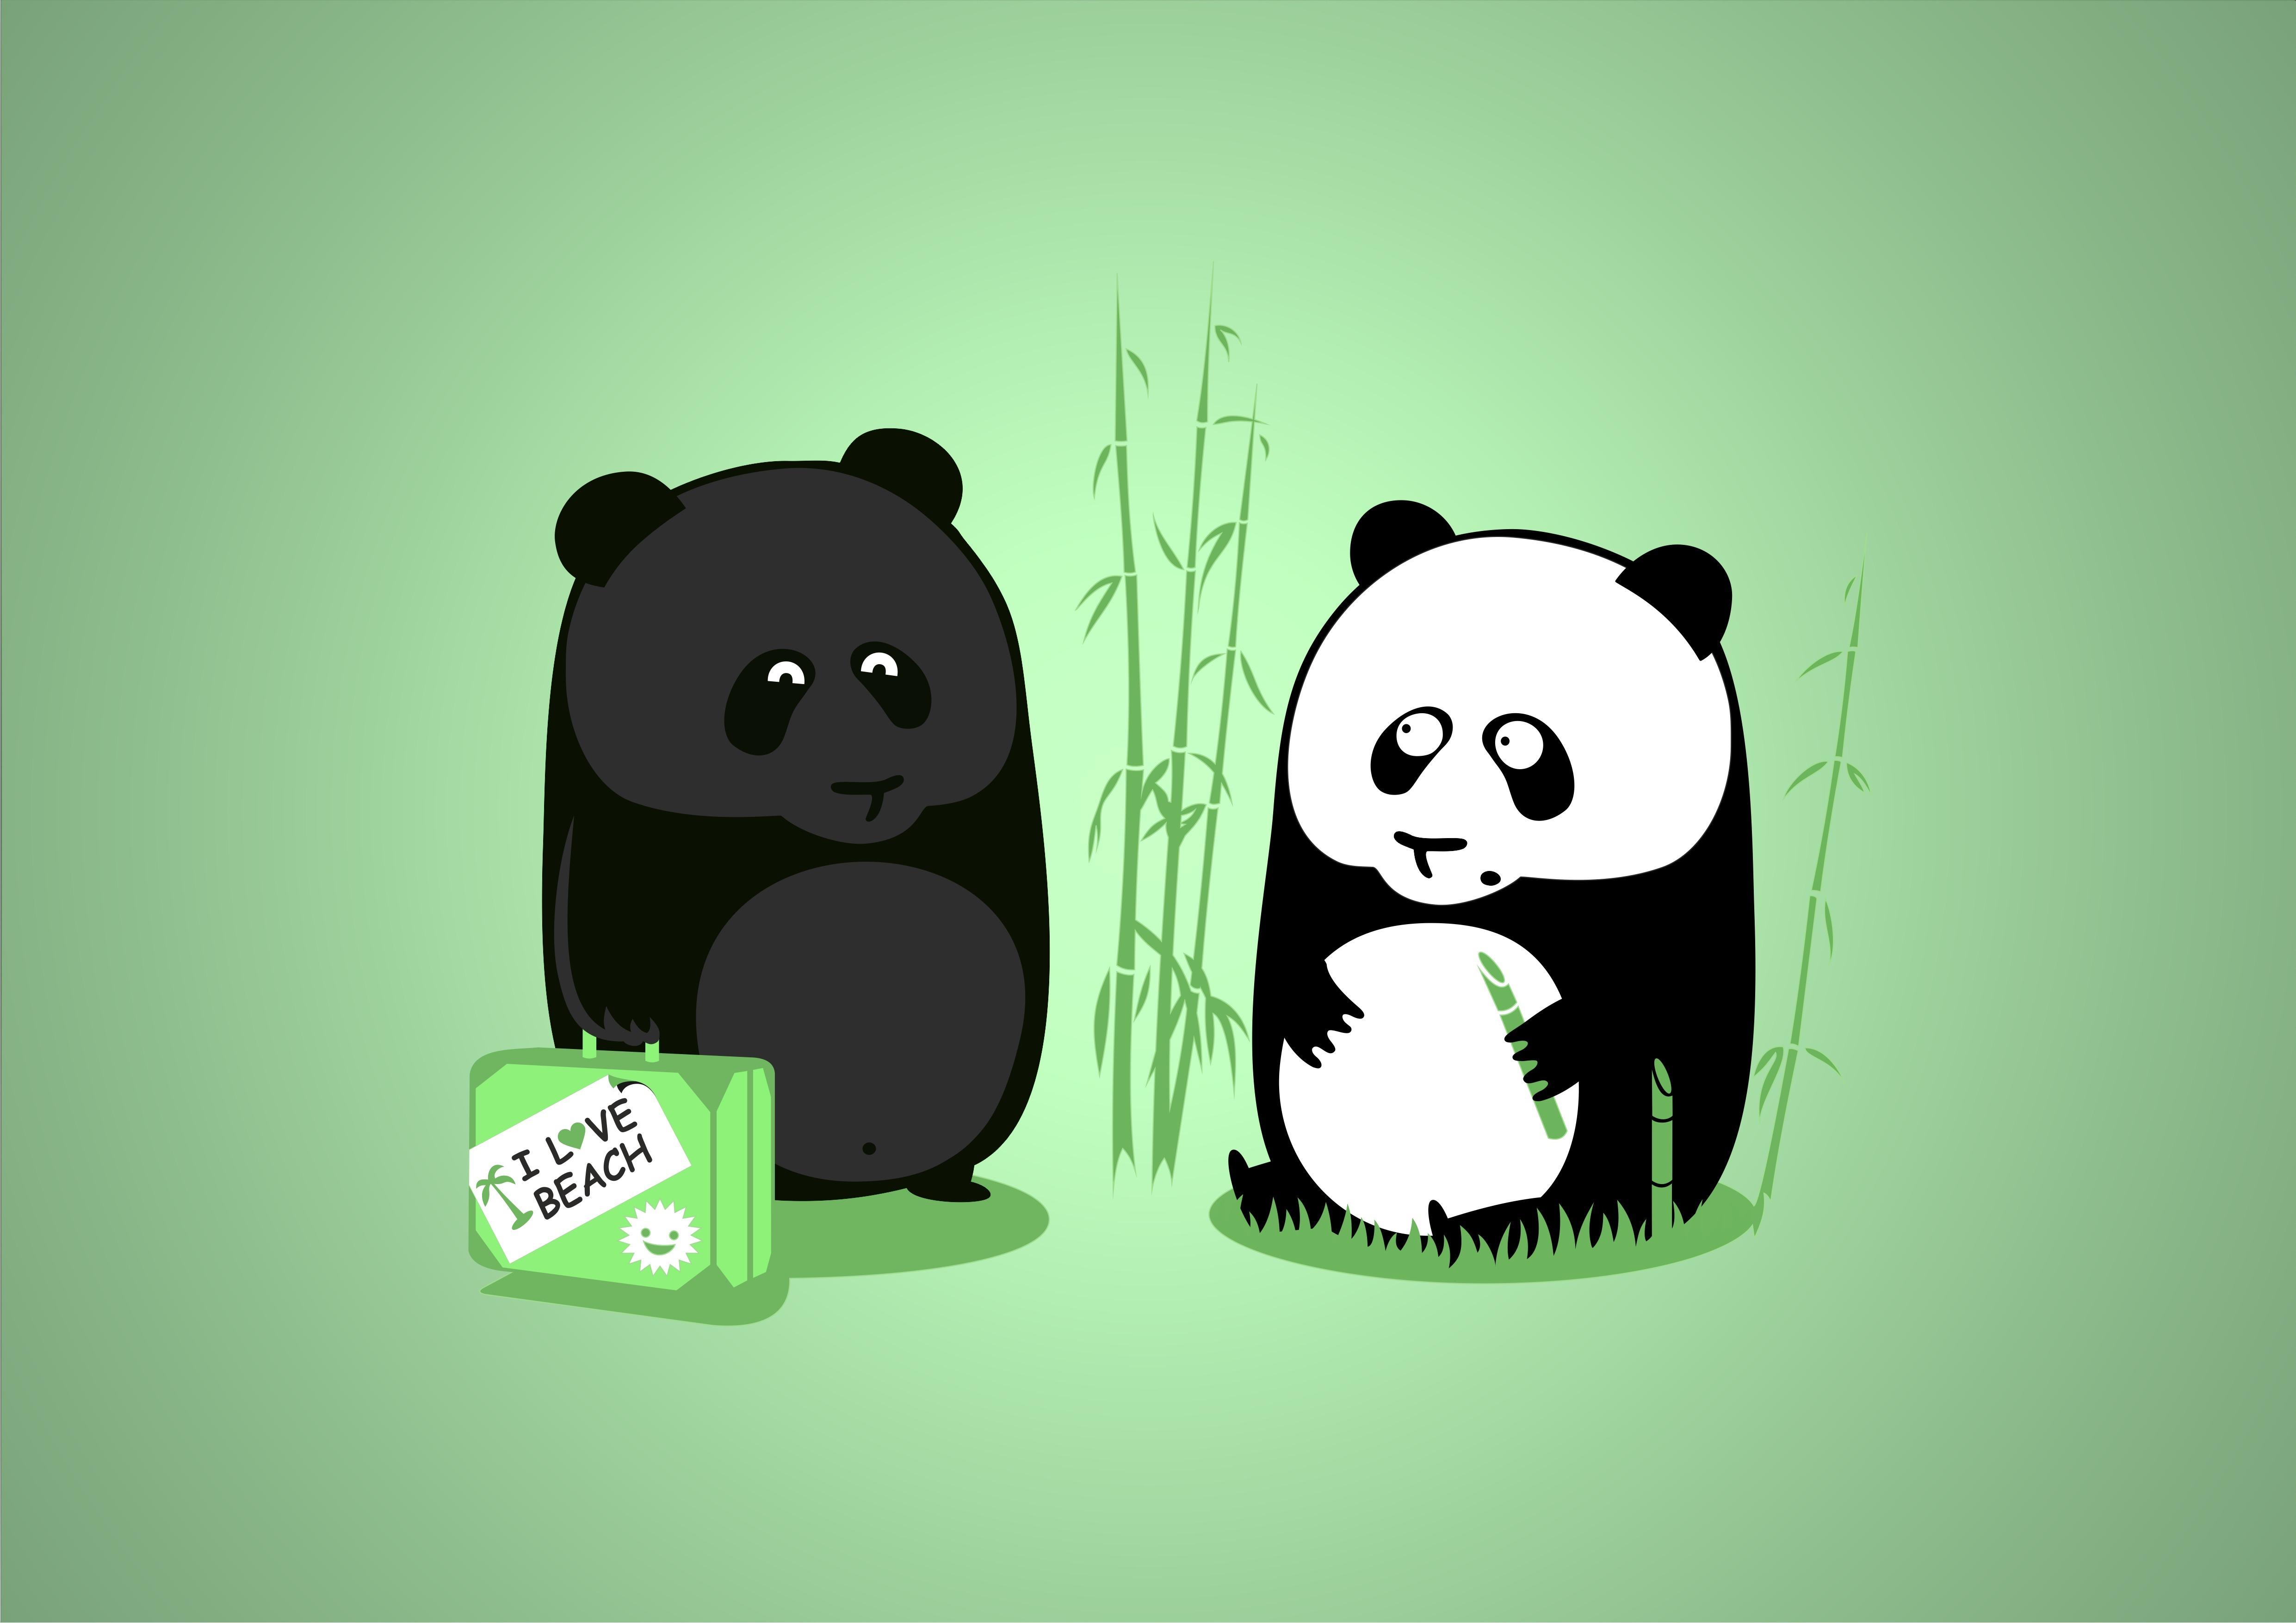 группа обрела обои на рабочий стол панда мультяшные позволяет